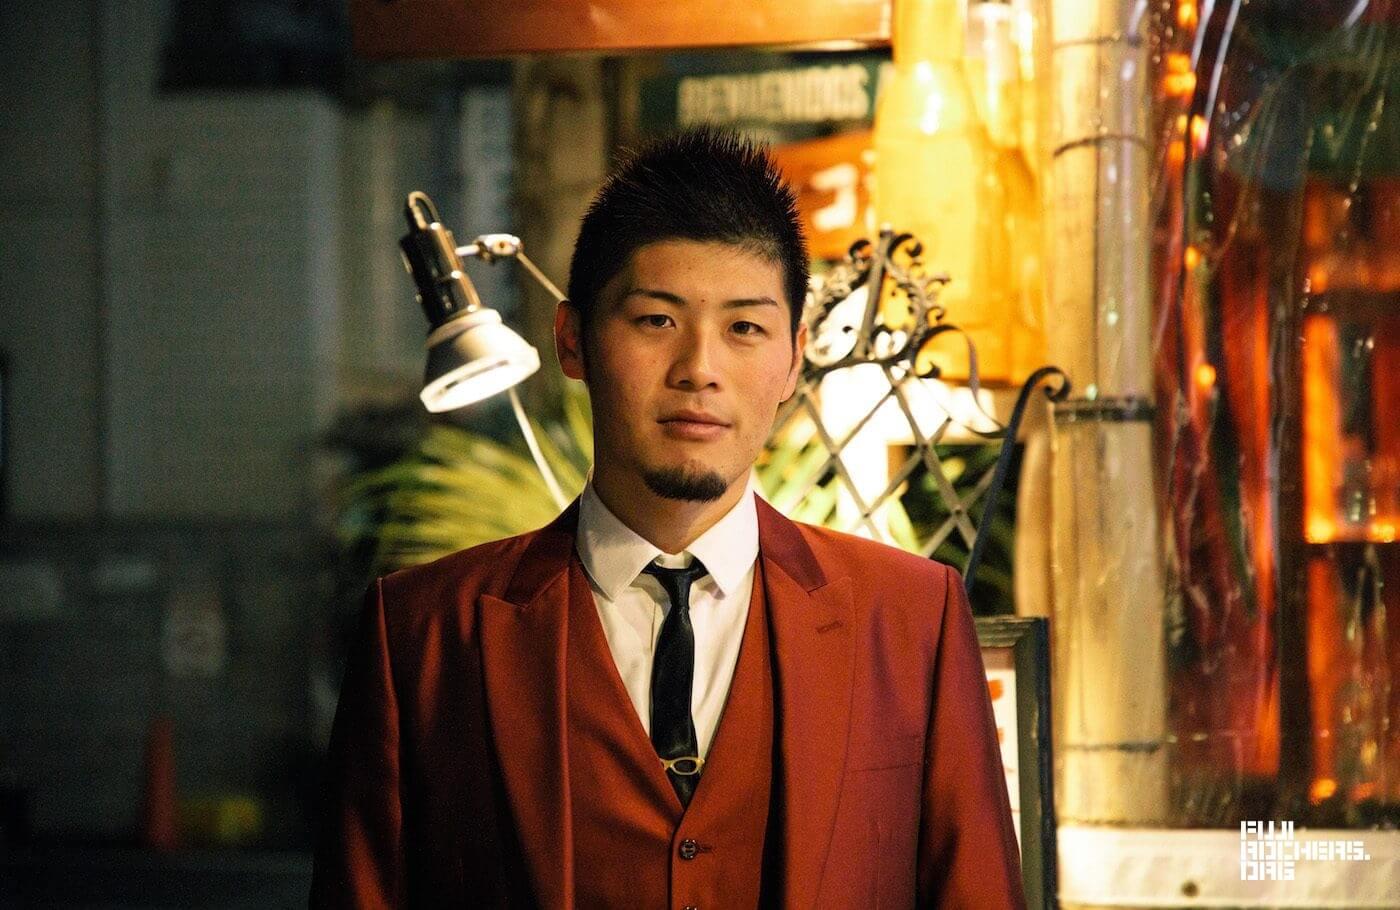 3日間でライヴ19回!?スタンダップ・コメディアンSaku Yanagawaにインタビュー!